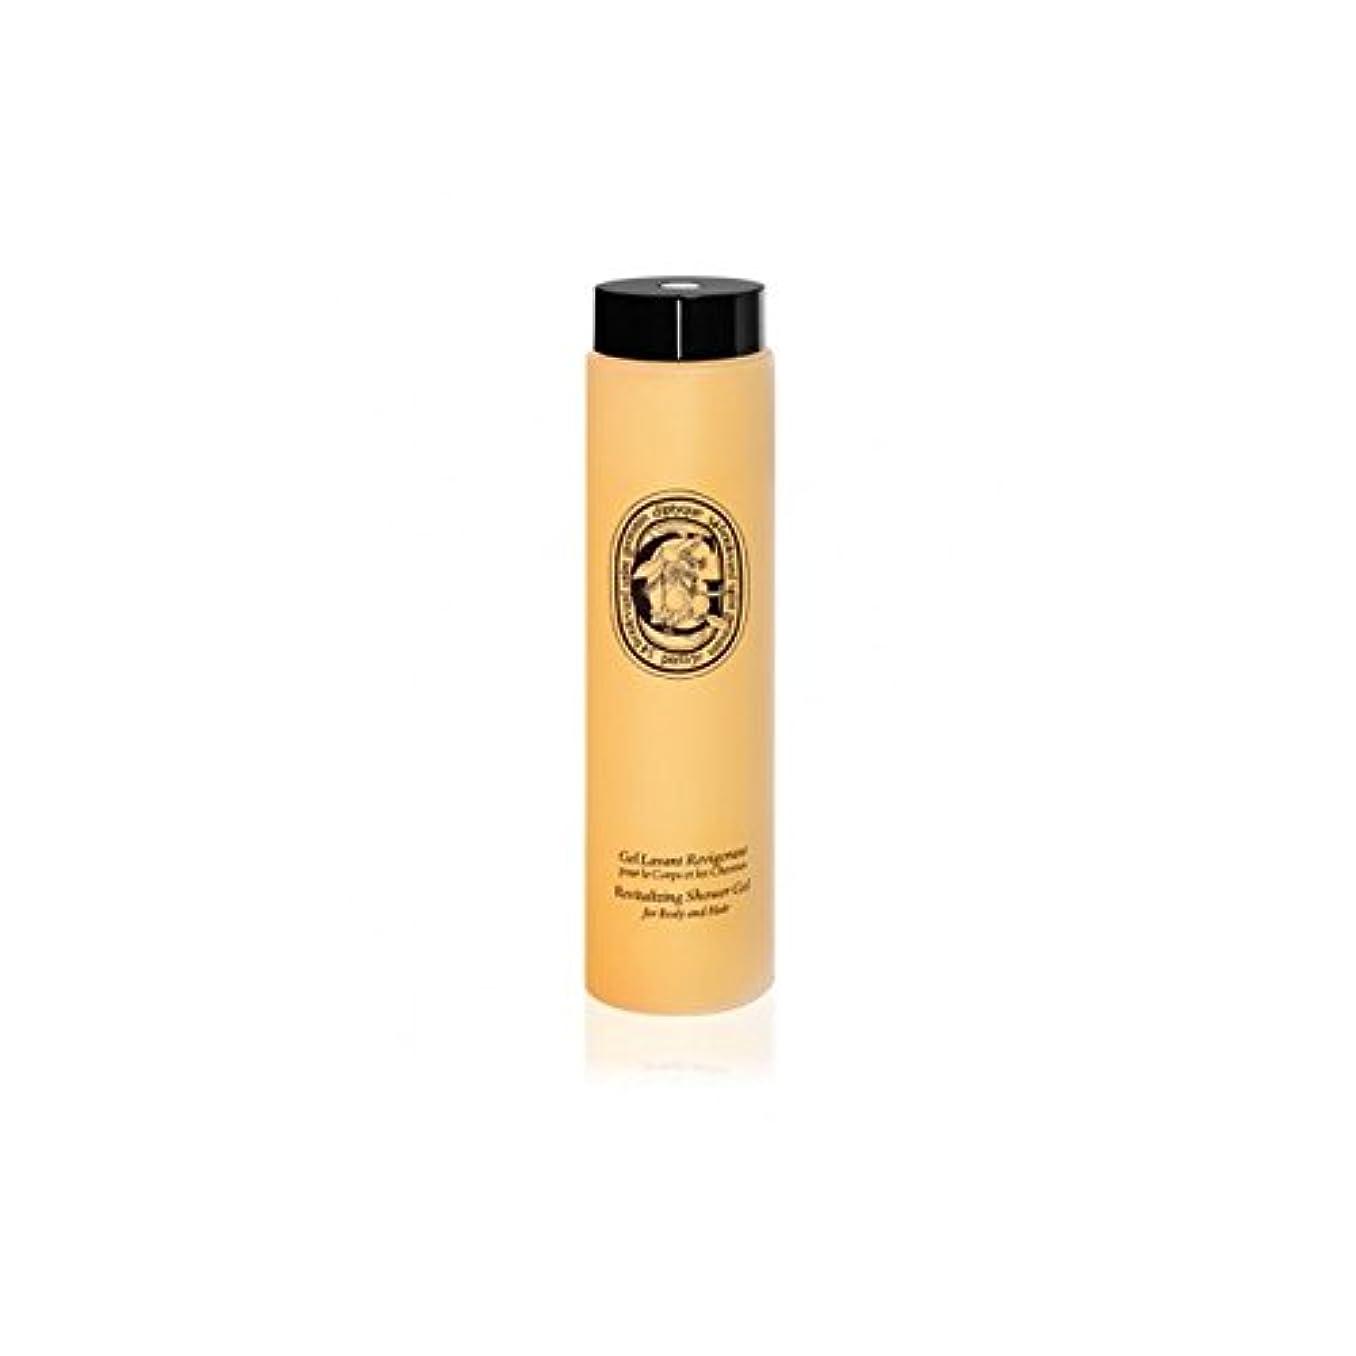 ファンタジー泣き叫ぶ重さDiptyque Revitalizing Shower Gel For Body And Hair 200ml (Pack of 2) - ボディ、ヘア200ミリリットルのためDiptyqueのリバイタライジングシャワージェル...